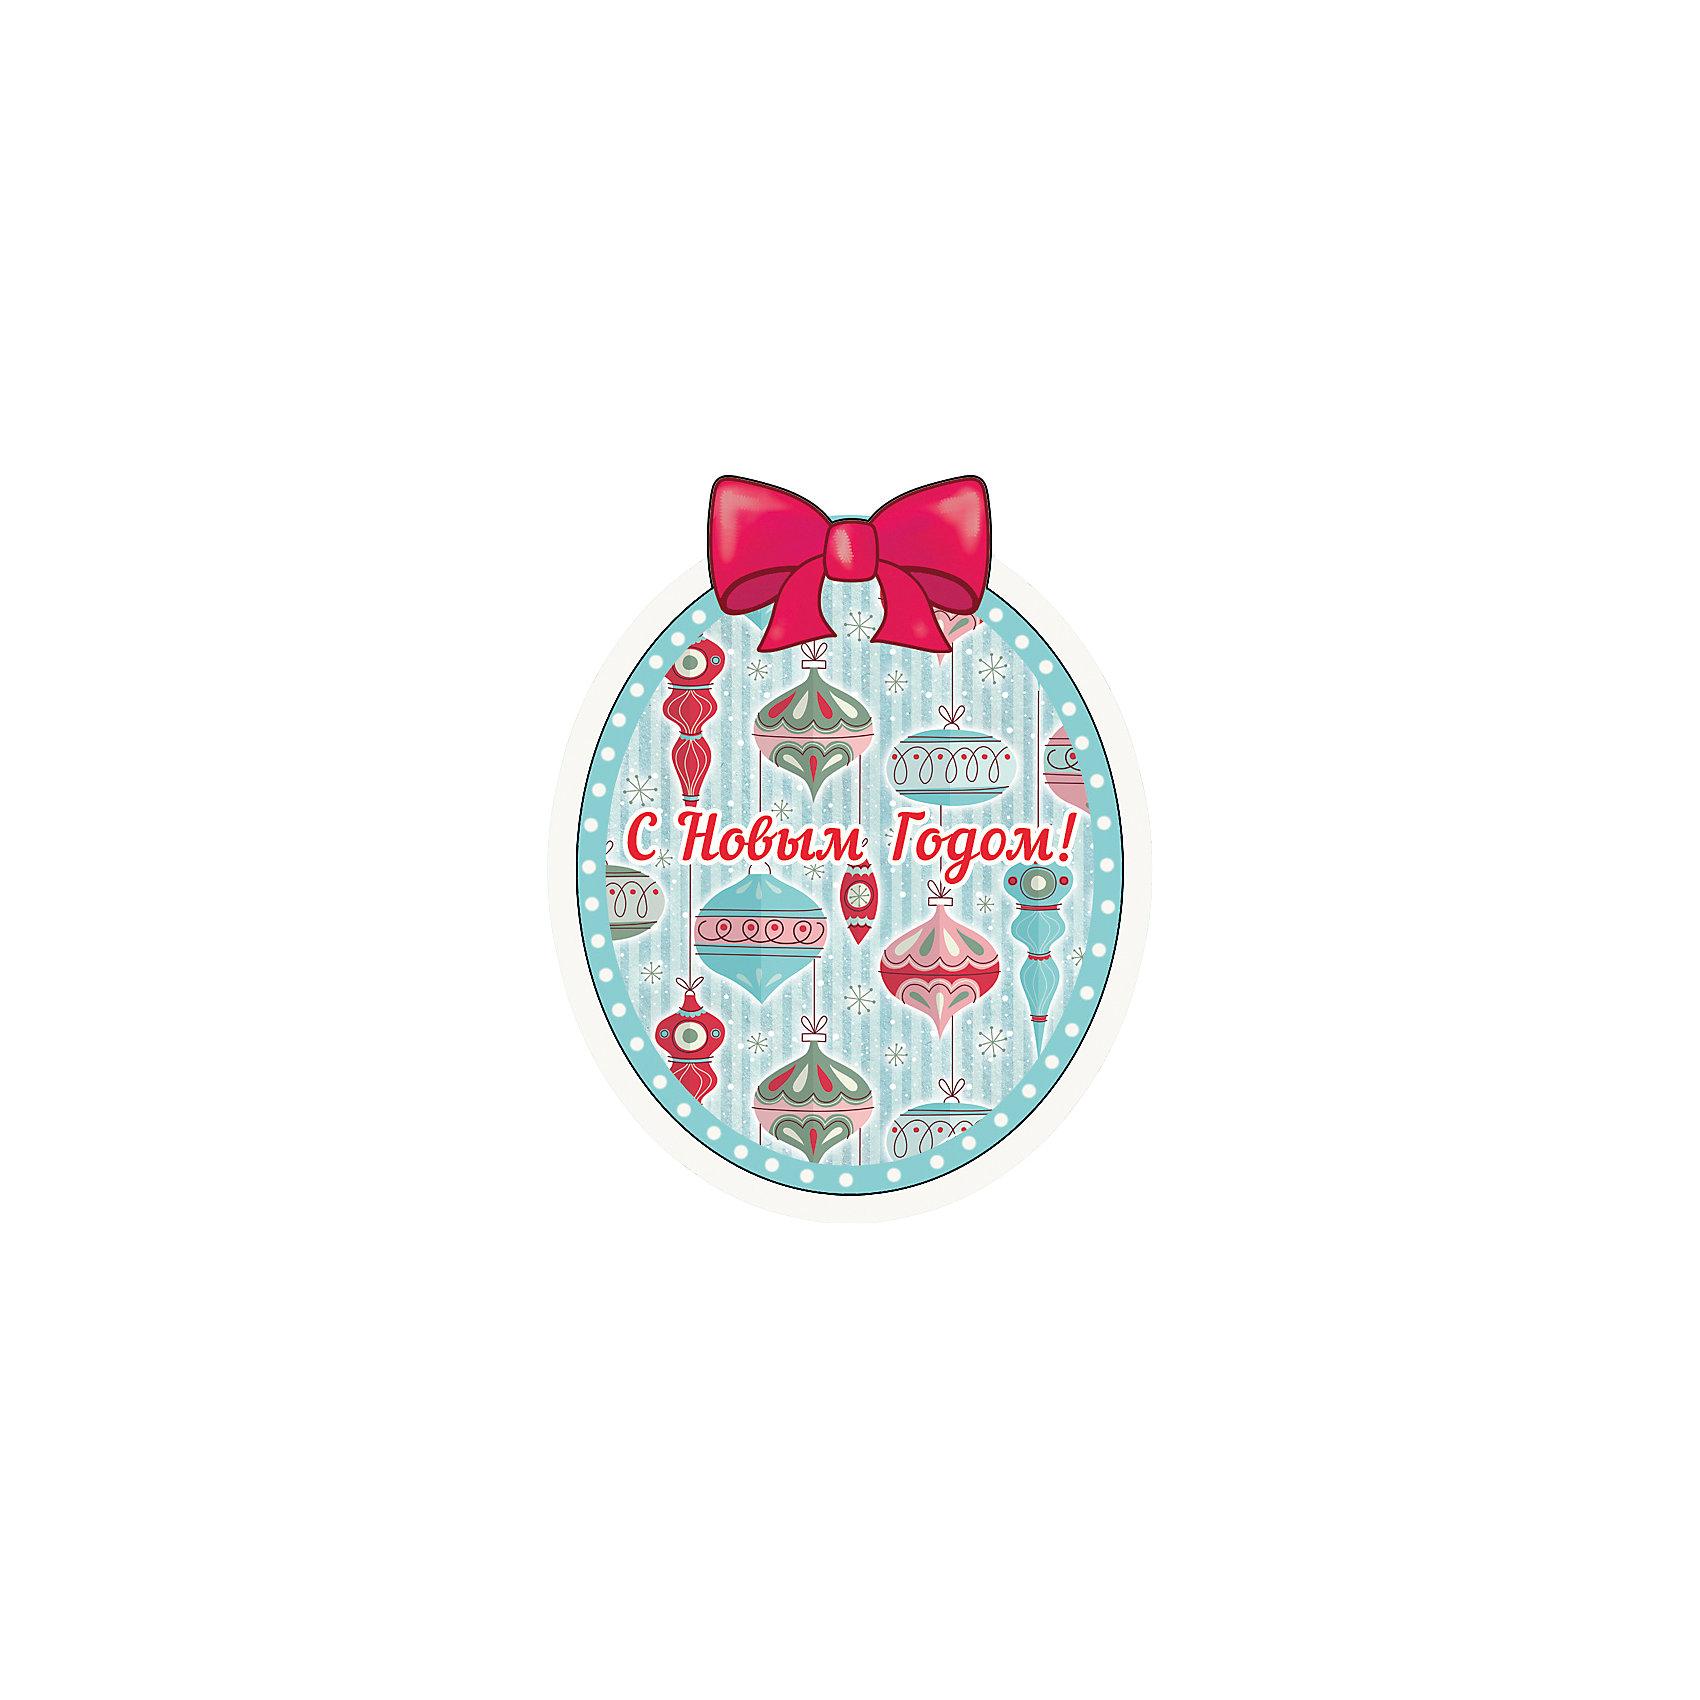 Магнит Конфетные игрушкиЯркий магнит с новогодней символикой - прекрасный вариант для праздничного сувенира. Магнит можно прикрепить на любую металлическую поверхность, он всегда будет радовать, напоминая о веселом и таком долгожданном для всех празднике! <br><br>Дополнительная информация:<br><br>- Материал: агломерированный феррит. <br>- Размер: 4,6х6 см.<br>- Яркий привлекательный дизайн. <br><br>Новогодний магнит Конфетные игрушки можно купить в нашем магазине.<br><br>Ширина мм: 100<br>Глубина мм: 100<br>Высота мм: 10<br>Вес г: 260<br>Возраст от месяцев: 36<br>Возраст до месяцев: 2147483647<br>Пол: Унисекс<br>Возраст: Детский<br>SKU: 4981316